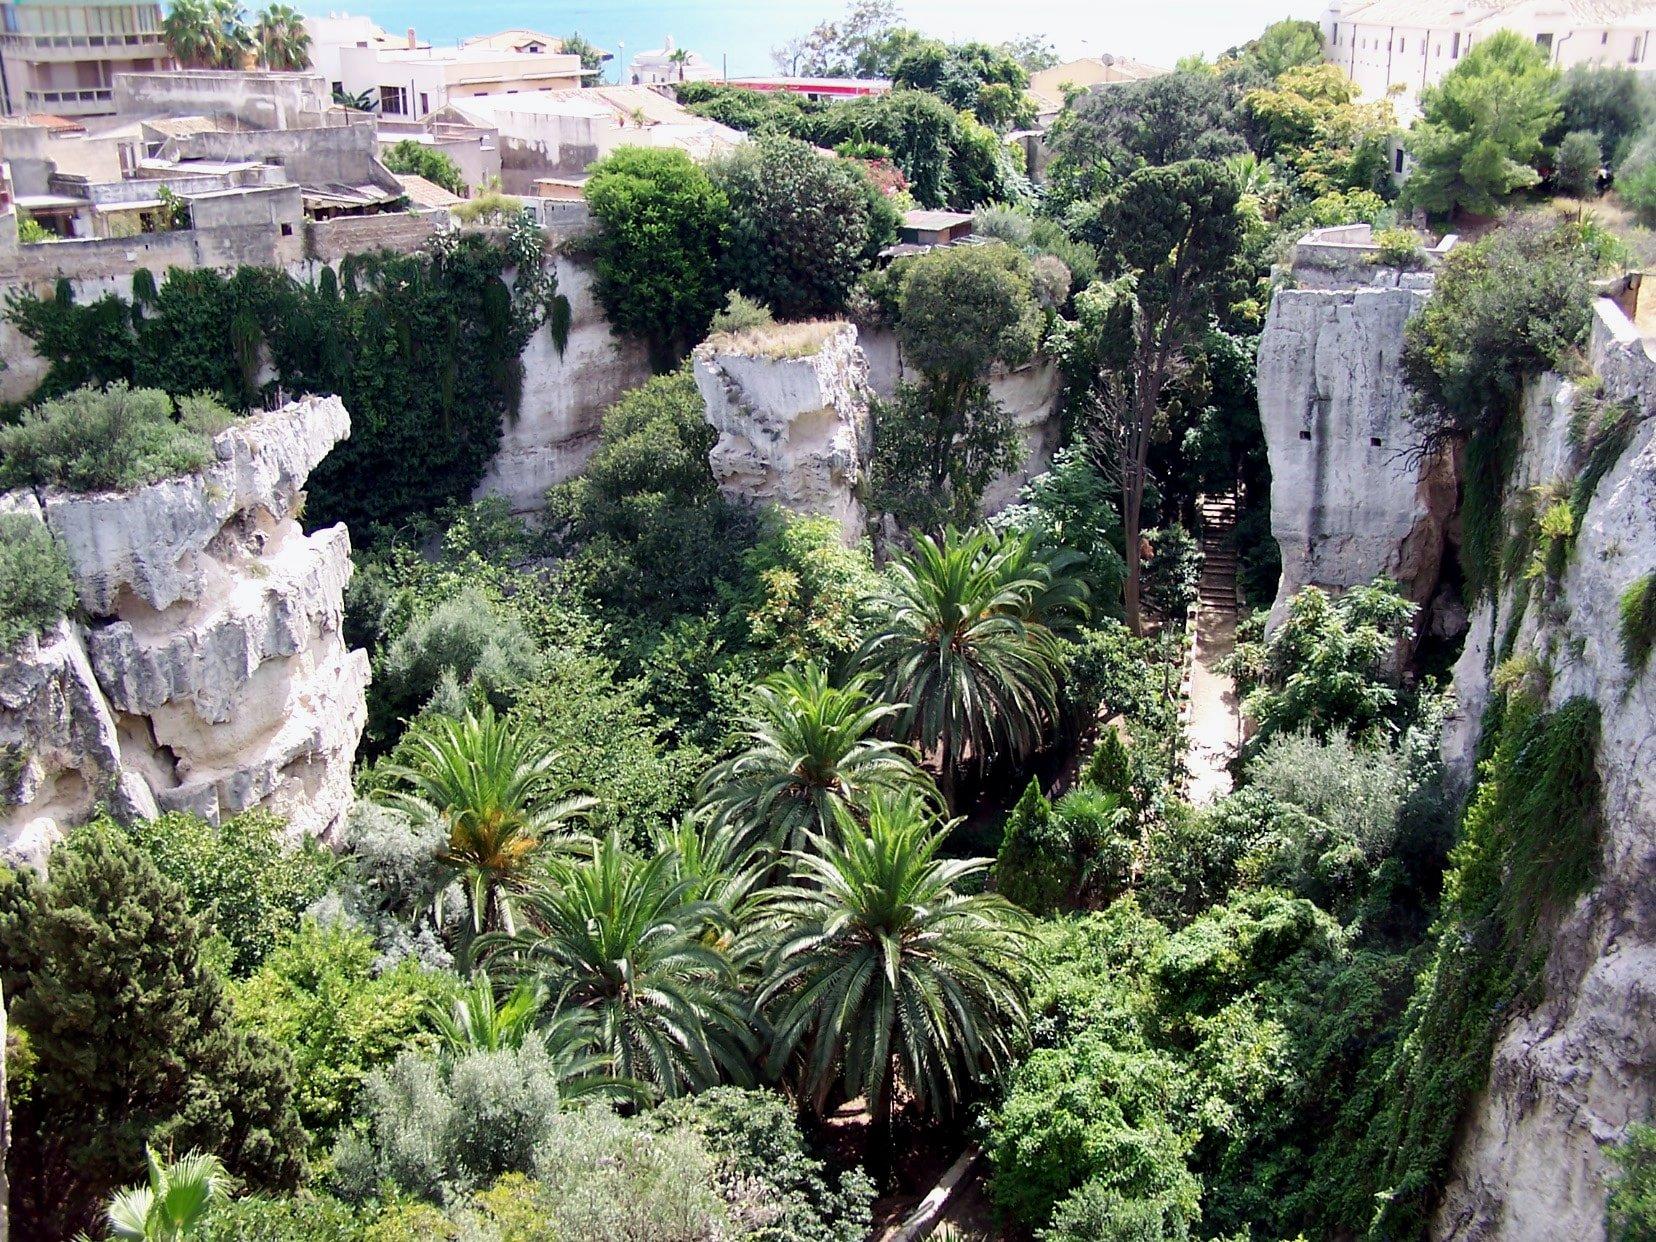 Latomie scavate nella roccia con orto botanico a Siracusa, Sicilia